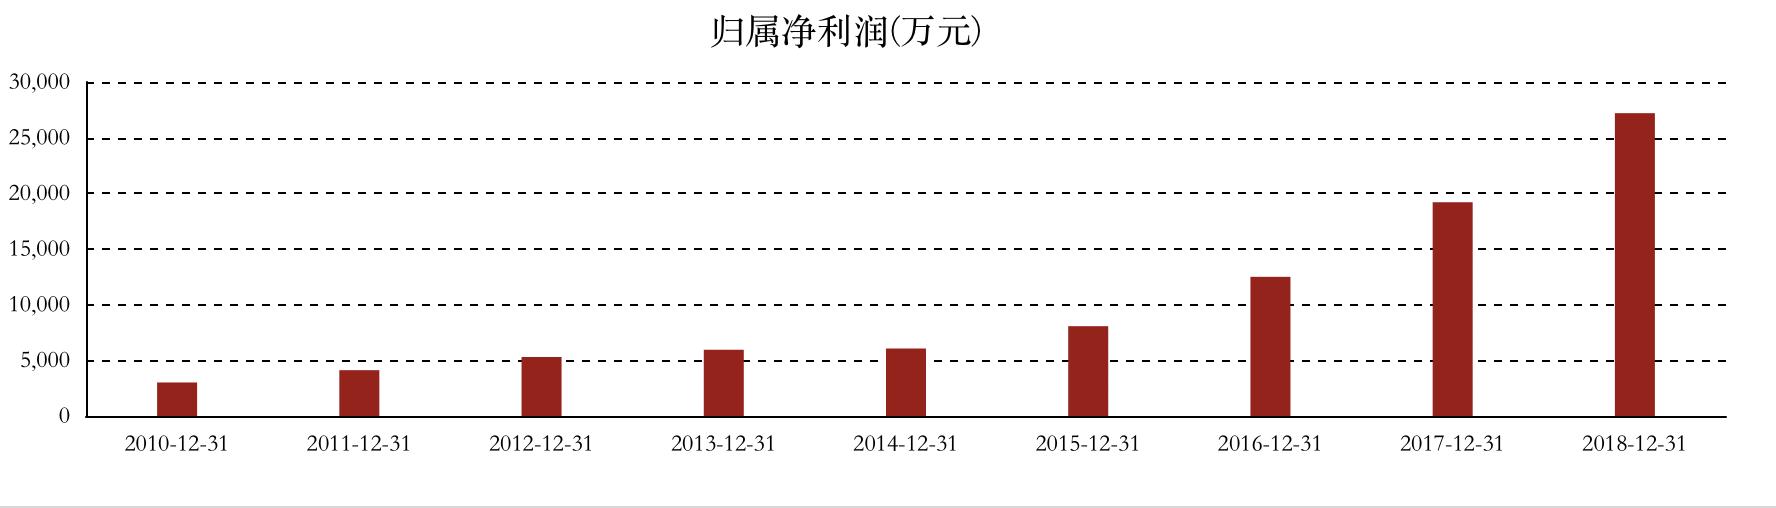 汇丰控股耗资3.72亿港元回购659.74万股